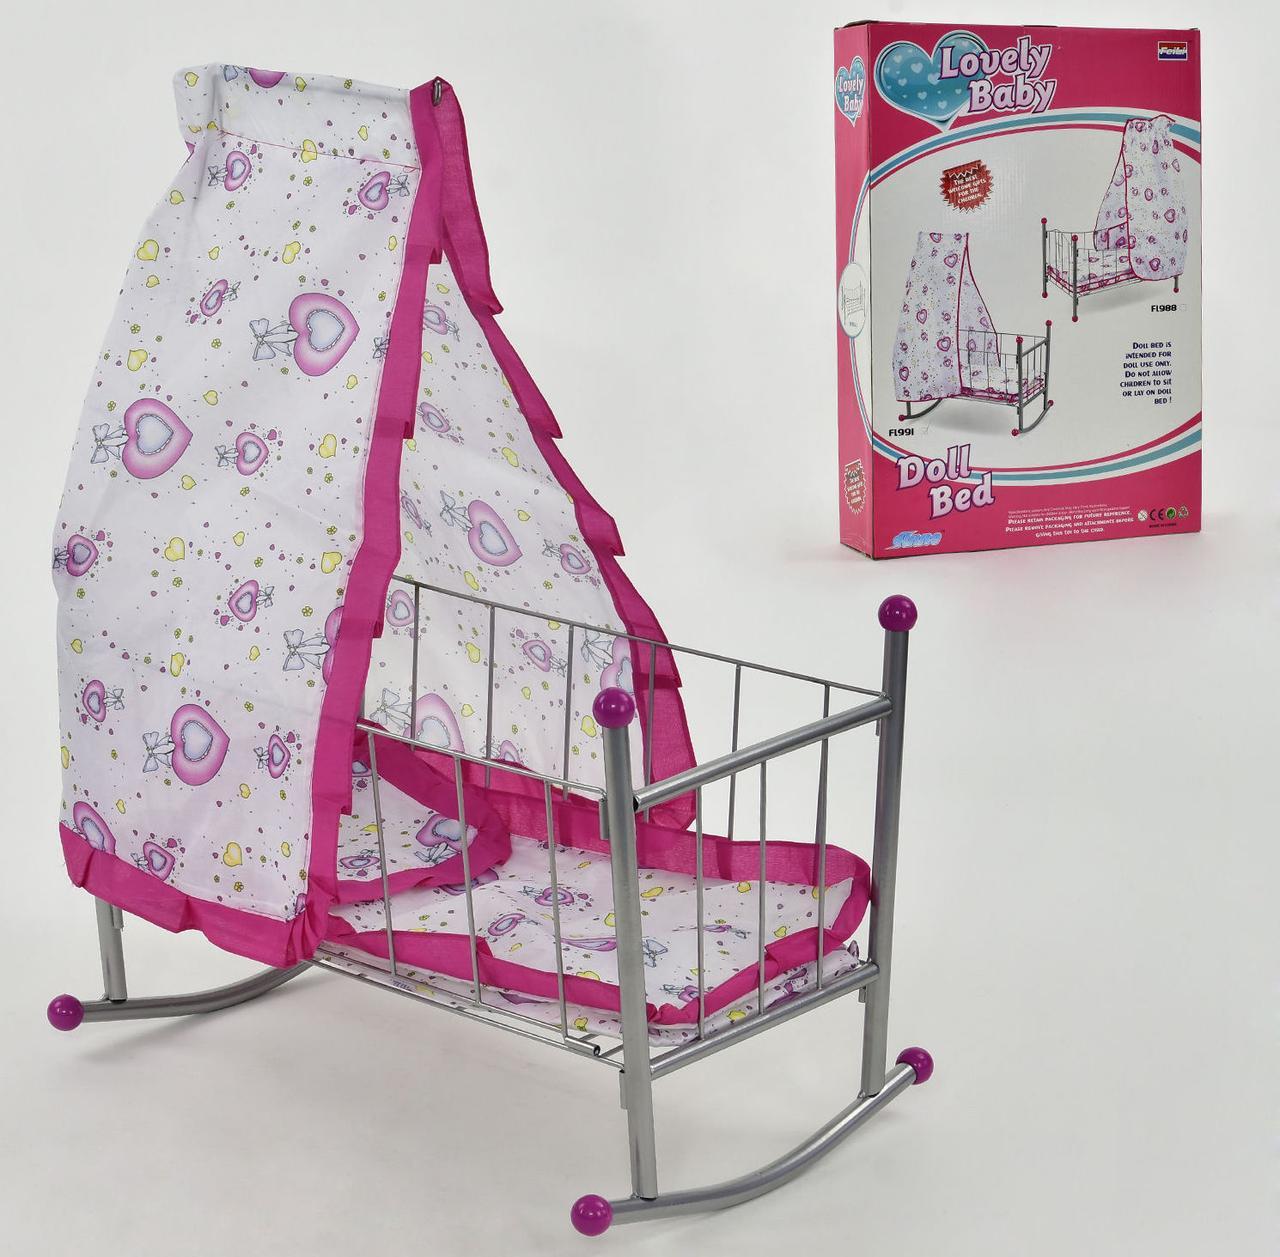 Дитяче ліжечко для ляльок FL 991 (12) з балдахіном, в кор-ке